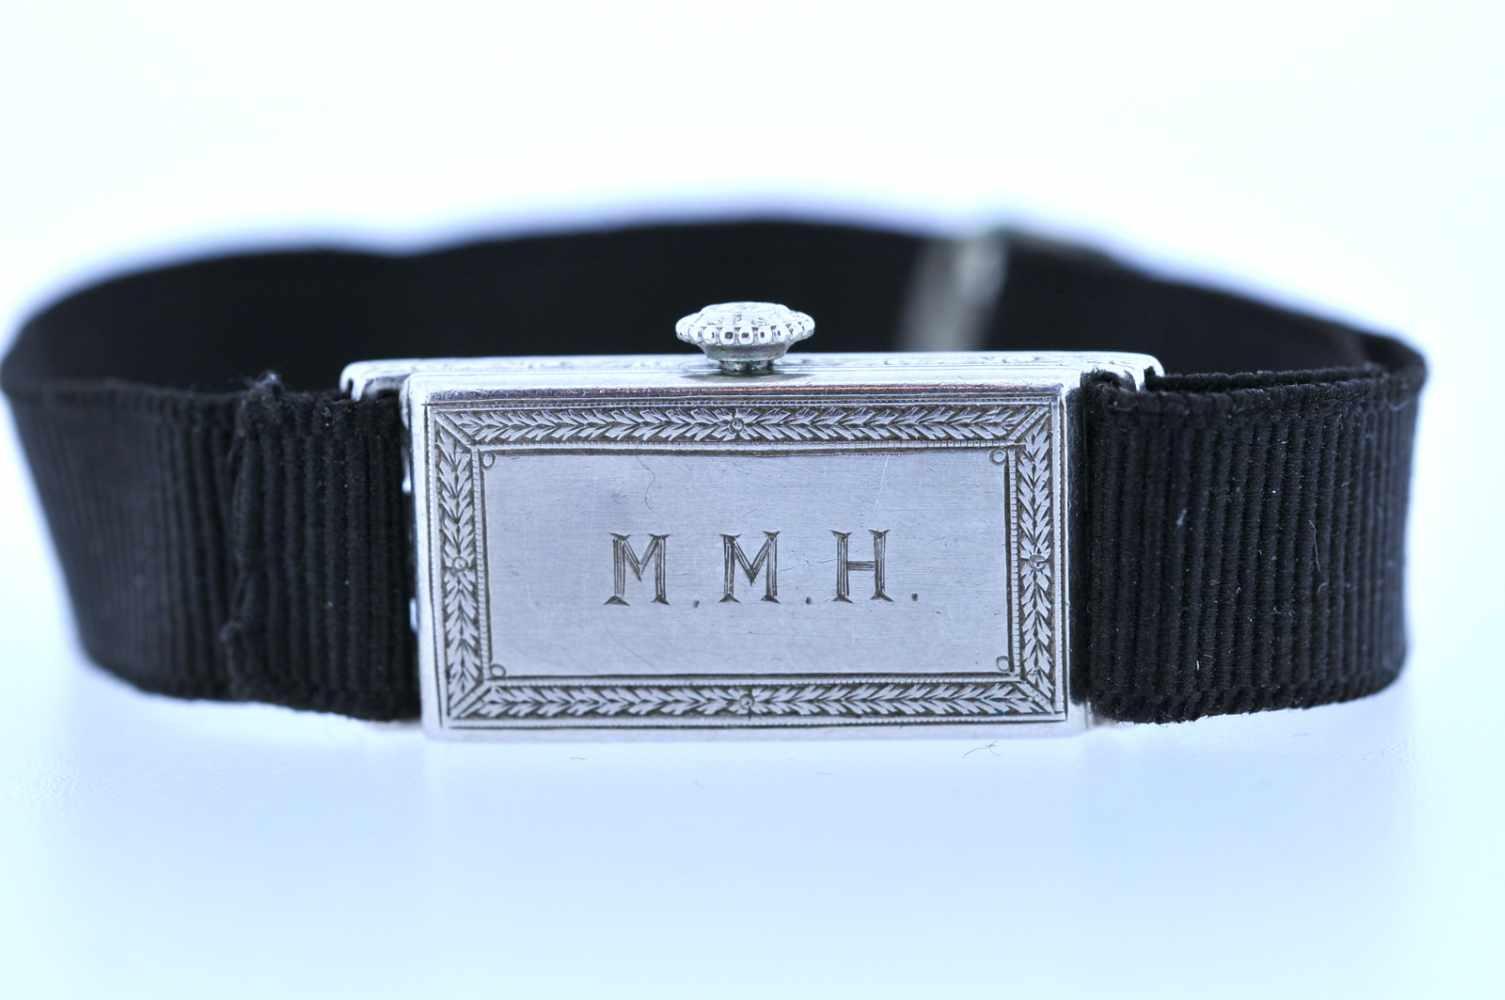 Damenuhr Art-Deco Platin Damenuhr mit Achtkantdiamanten, zus.ca. 0,60 ct, Handaufzug, Ankerwerk, - Bild 2 aus 4